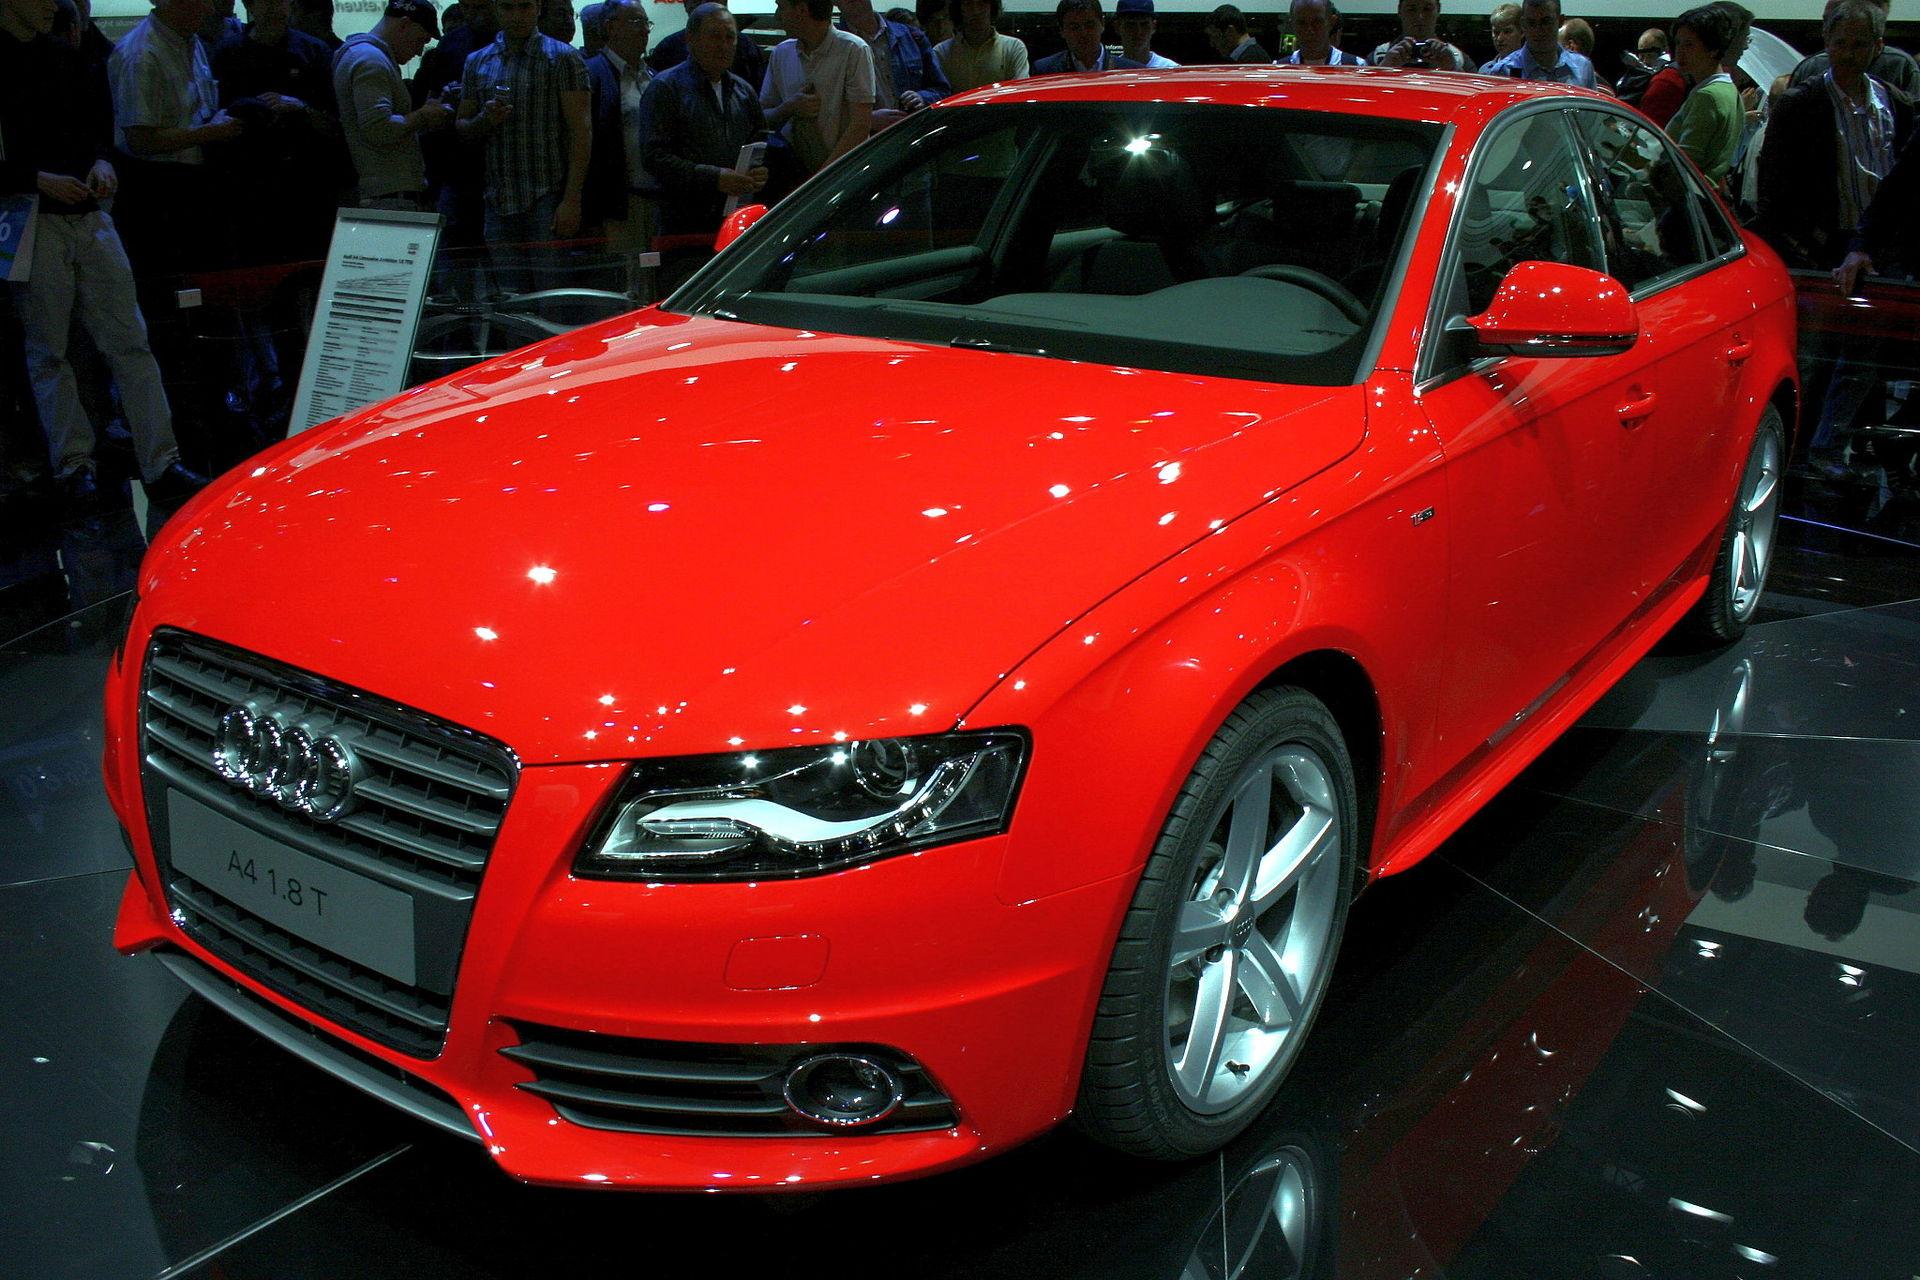 Audi A4 (B8) – Wikipedia